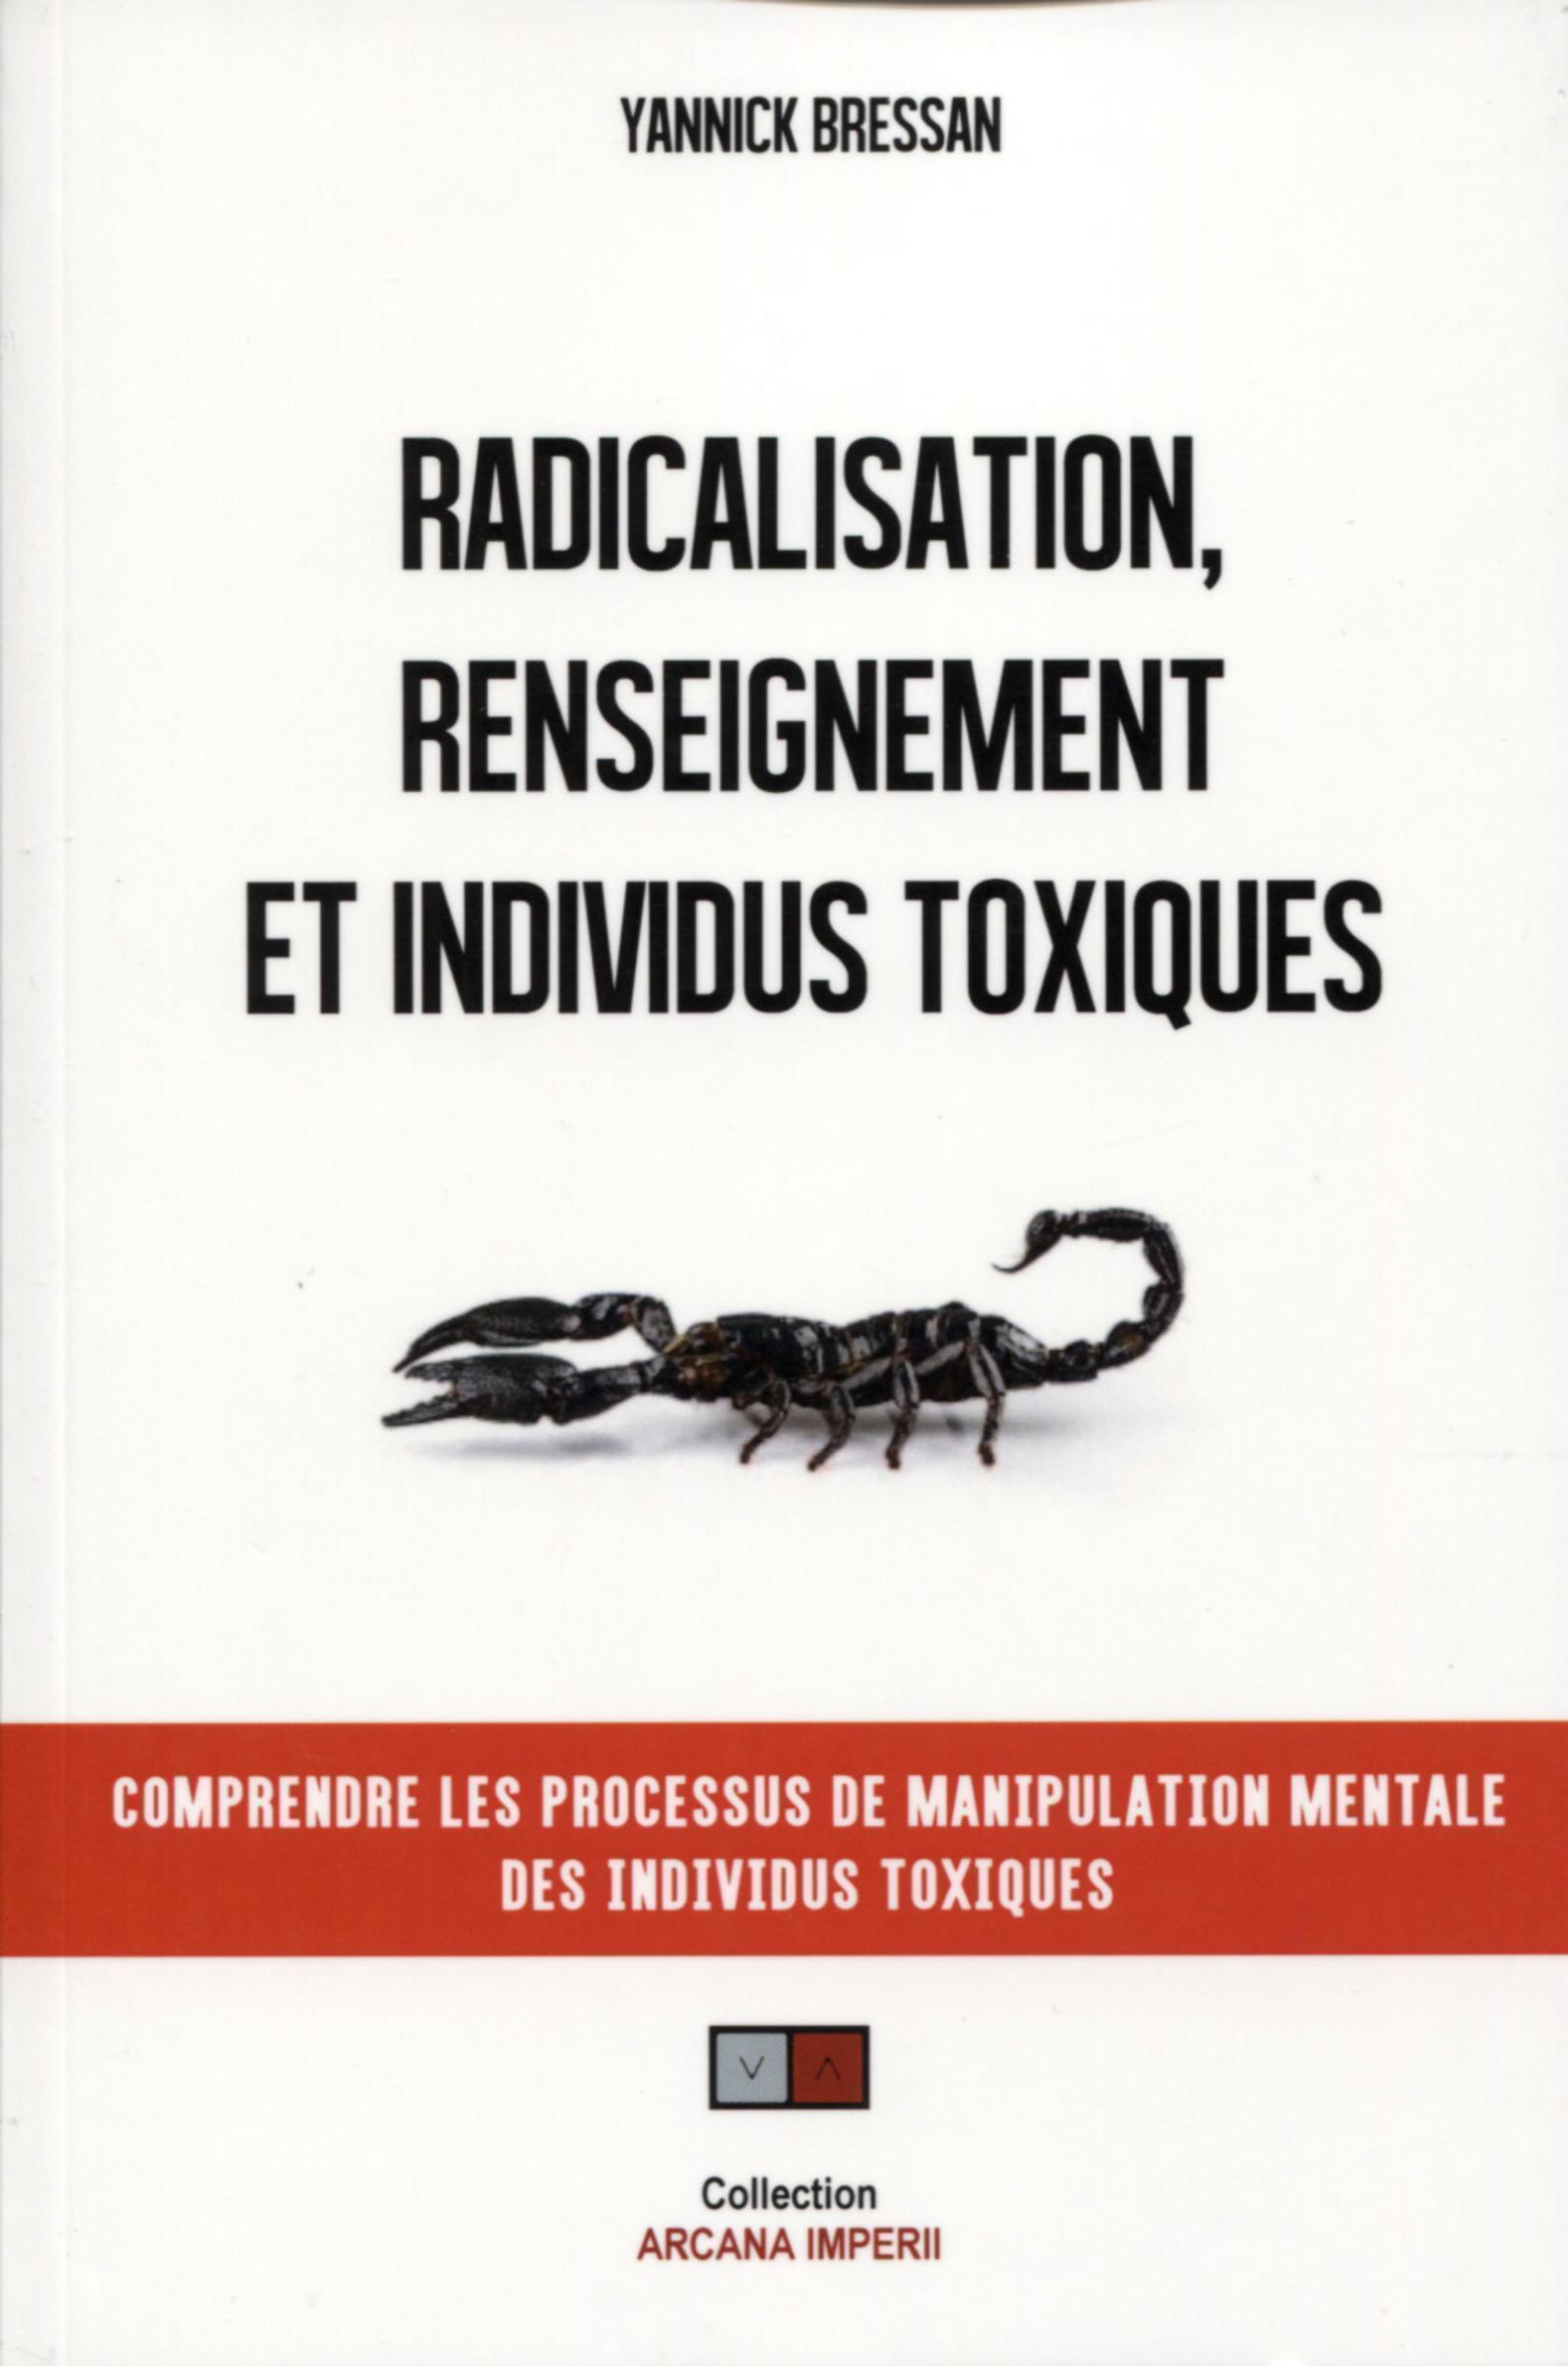 RADICALISATION  RENSEIGNEMENT ET INDIVIDUS TOXIQUES - COMPRENDRE LES PROCESSUS DE MANIPULATION MENTA